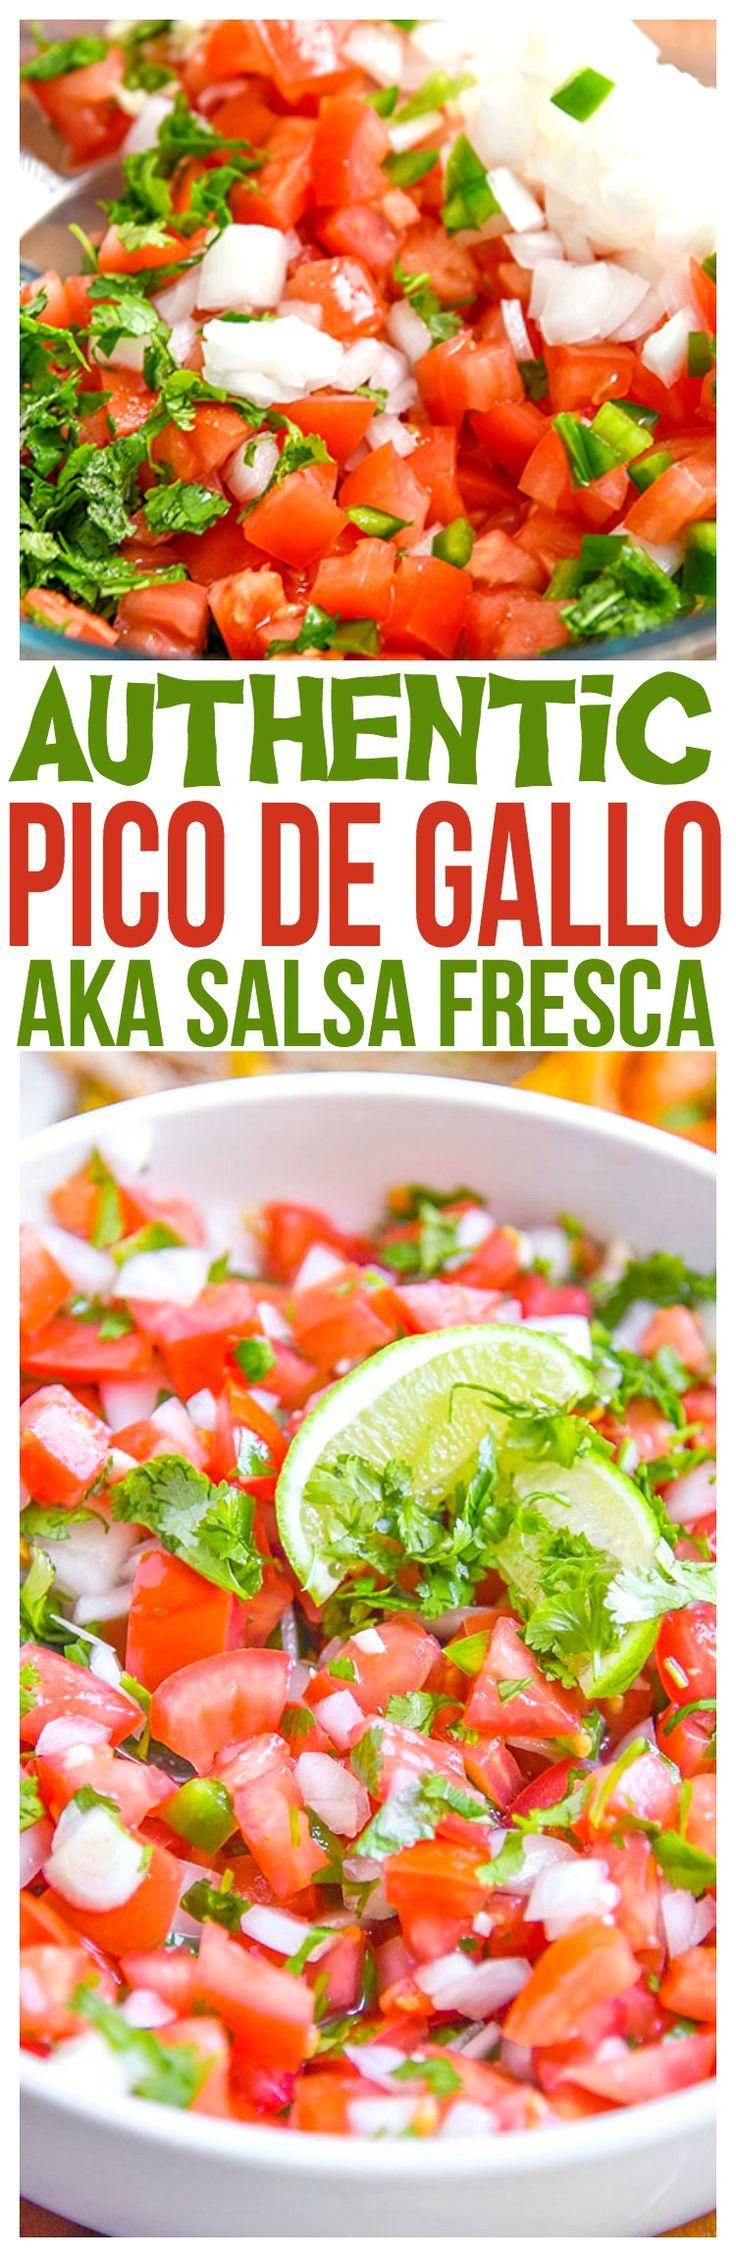 Authentic Pico de Gallo Recipe – By far the best pico de gallo recipe we've made. A fresh Salsa Fresca recipe for tacos, fajitas,